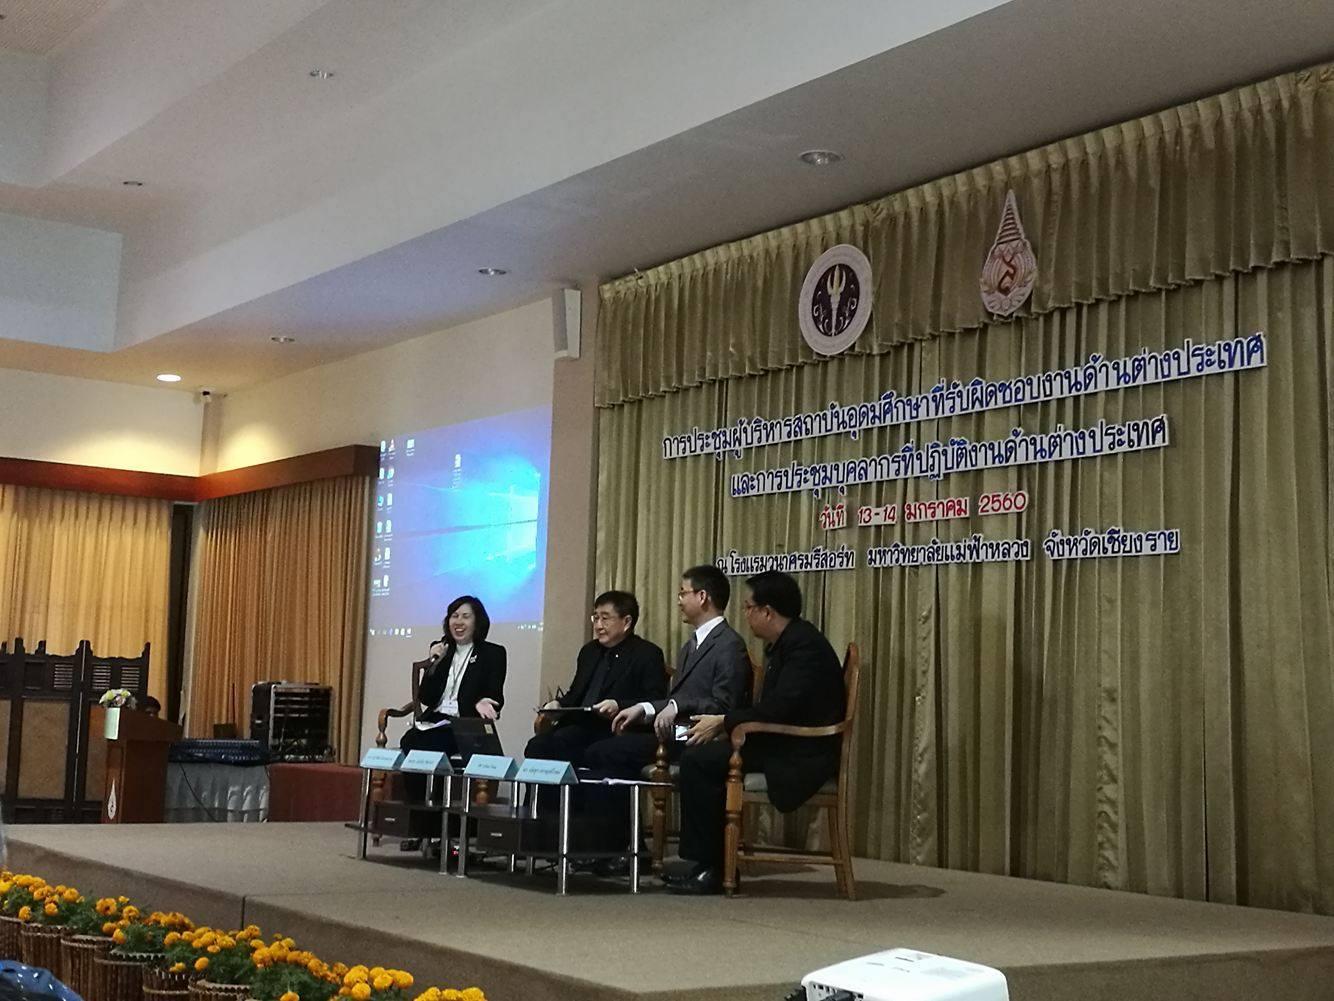 ประชุมผู้บริหารสถาบันอุดมศึกษาที่รับผิดชอบงานด้านต่างประเทศ